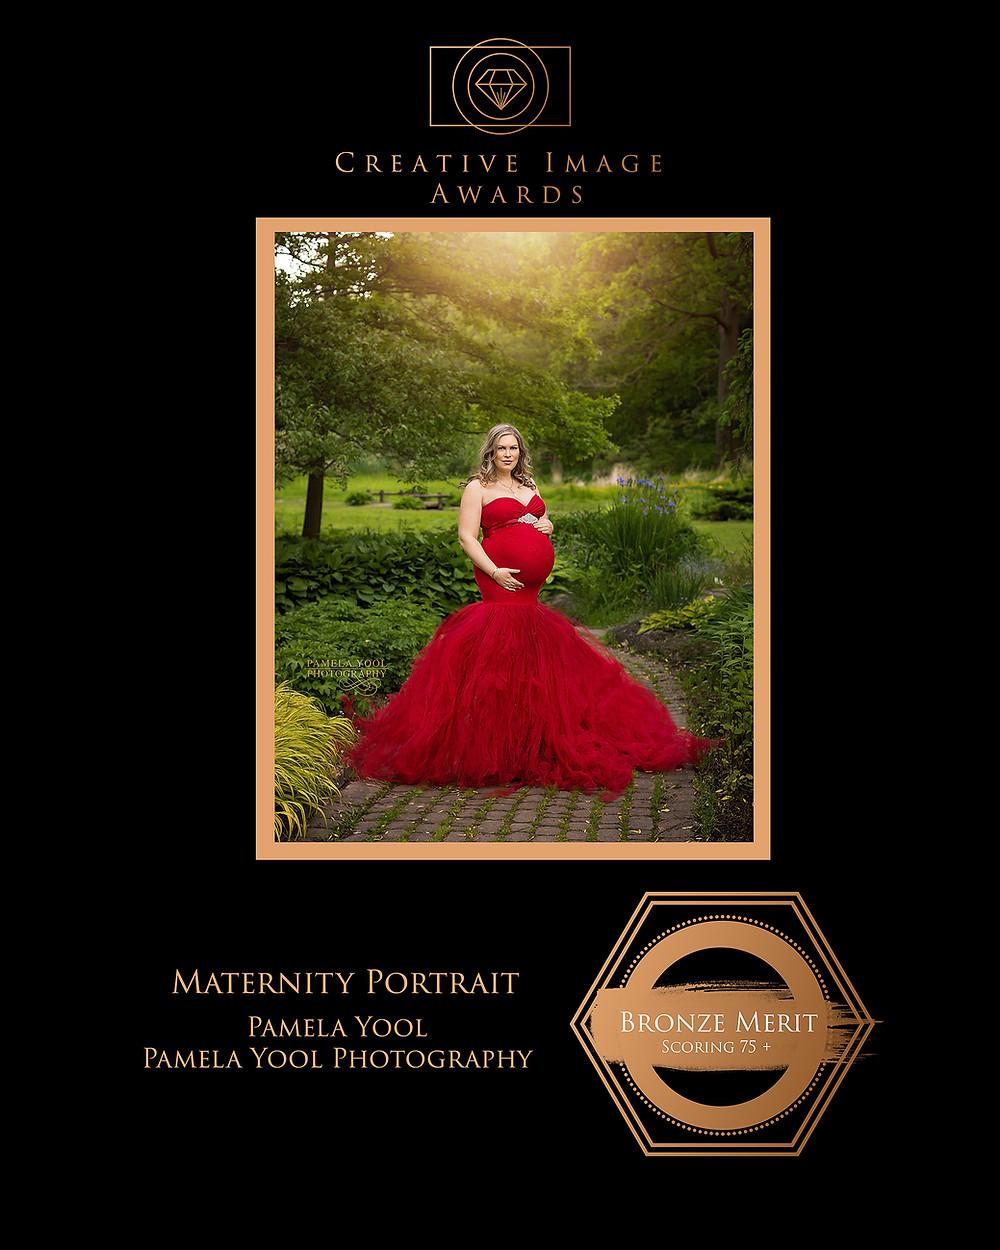 Maternity Award Winning Image - Pamela Yool Photography